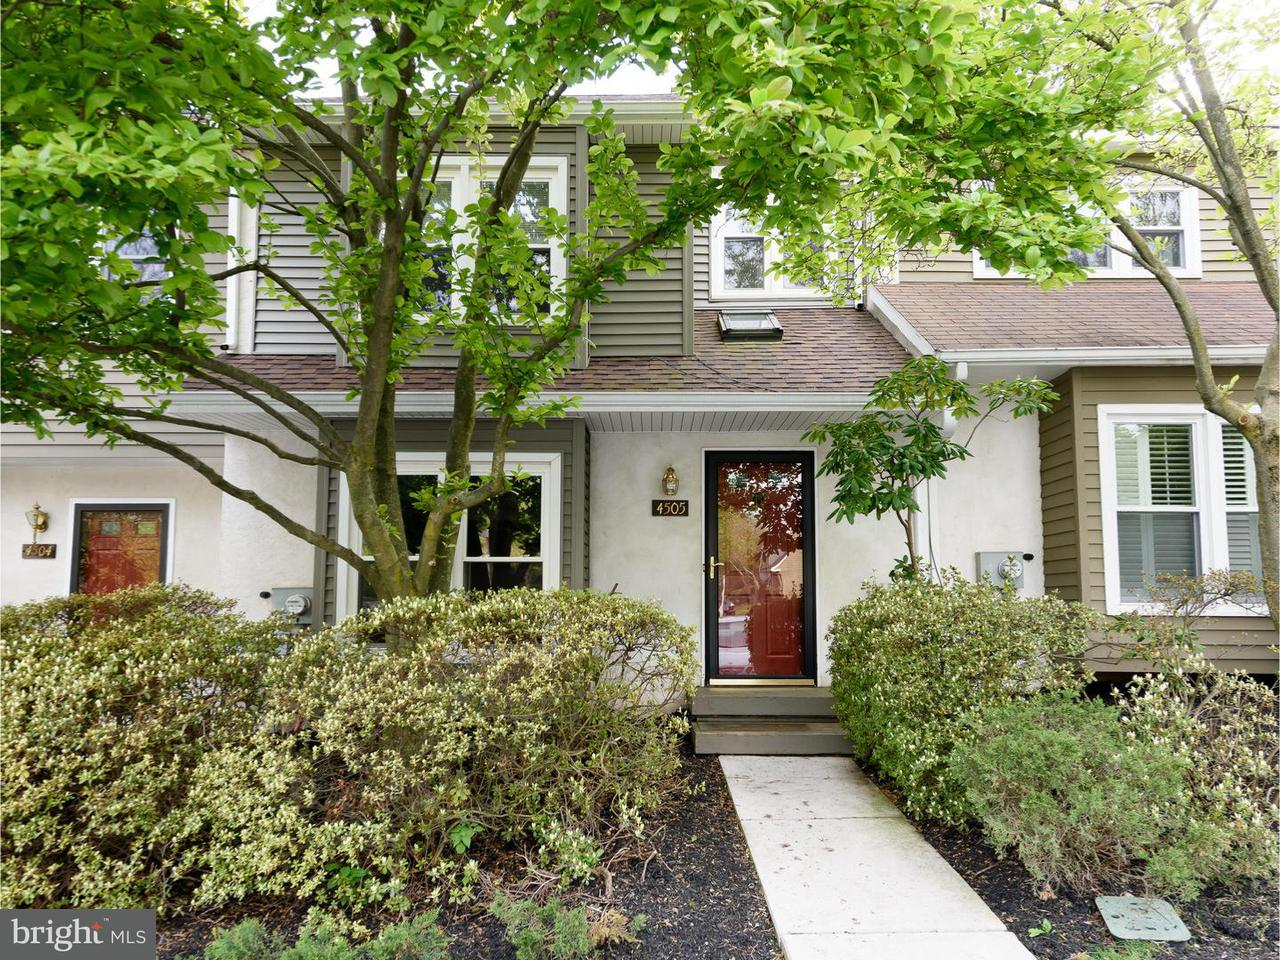 联栋屋 为 出租 在 4505 ADAMS Court 切斯特斯普林斯, 宾夕法尼亚州 19425 美国